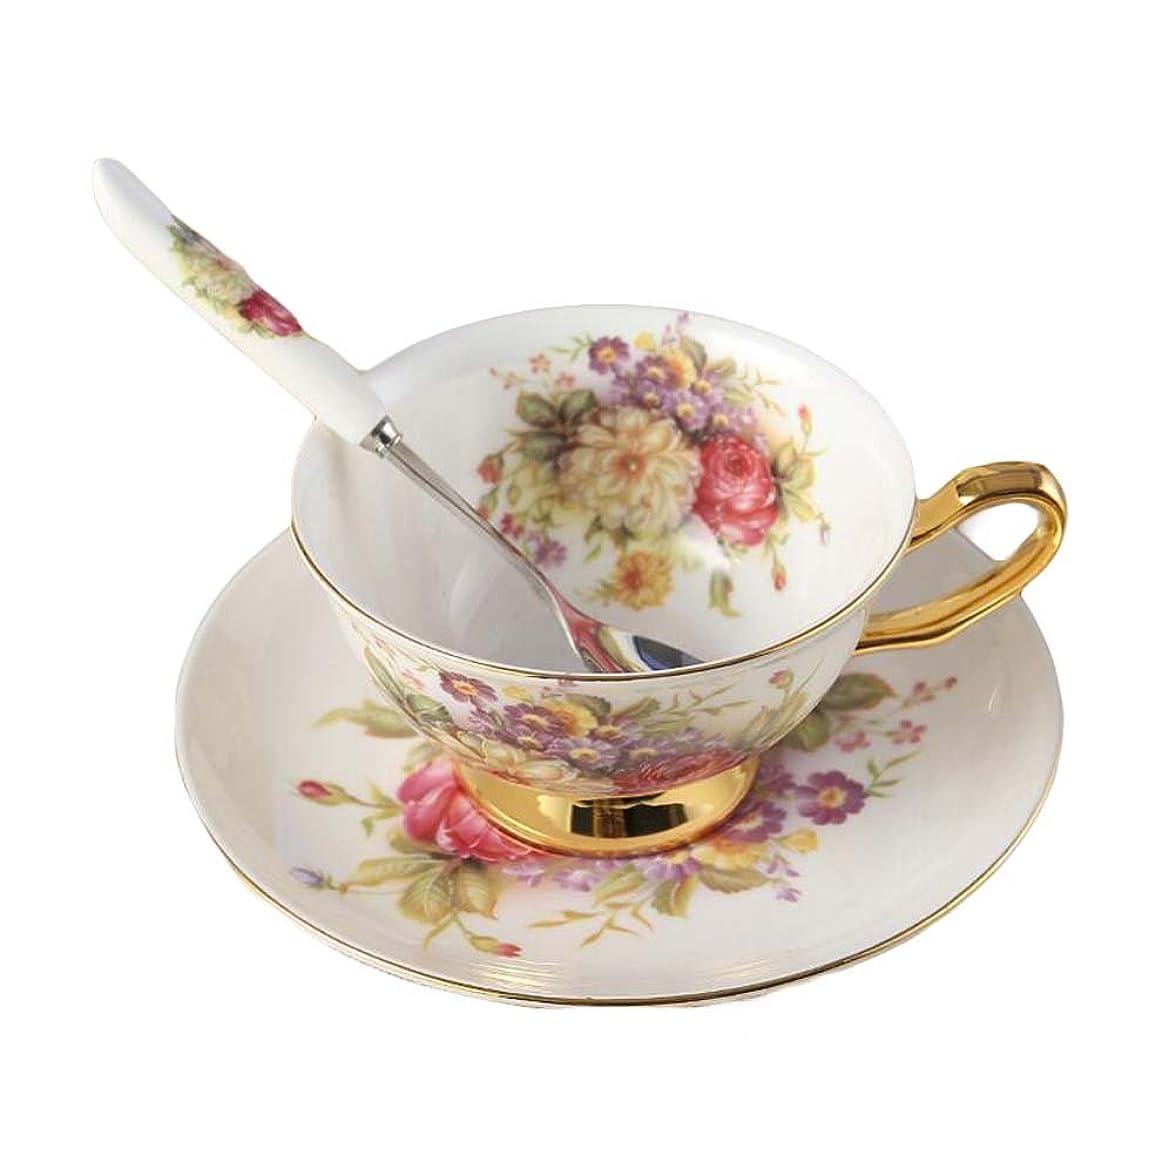 硫黄王女素人Ecoffee Cup カップ_ソーサー フタ、ホルダー:ブラック 355ml 繰り返し使える、環境に優しい、バンブーファイバー 600